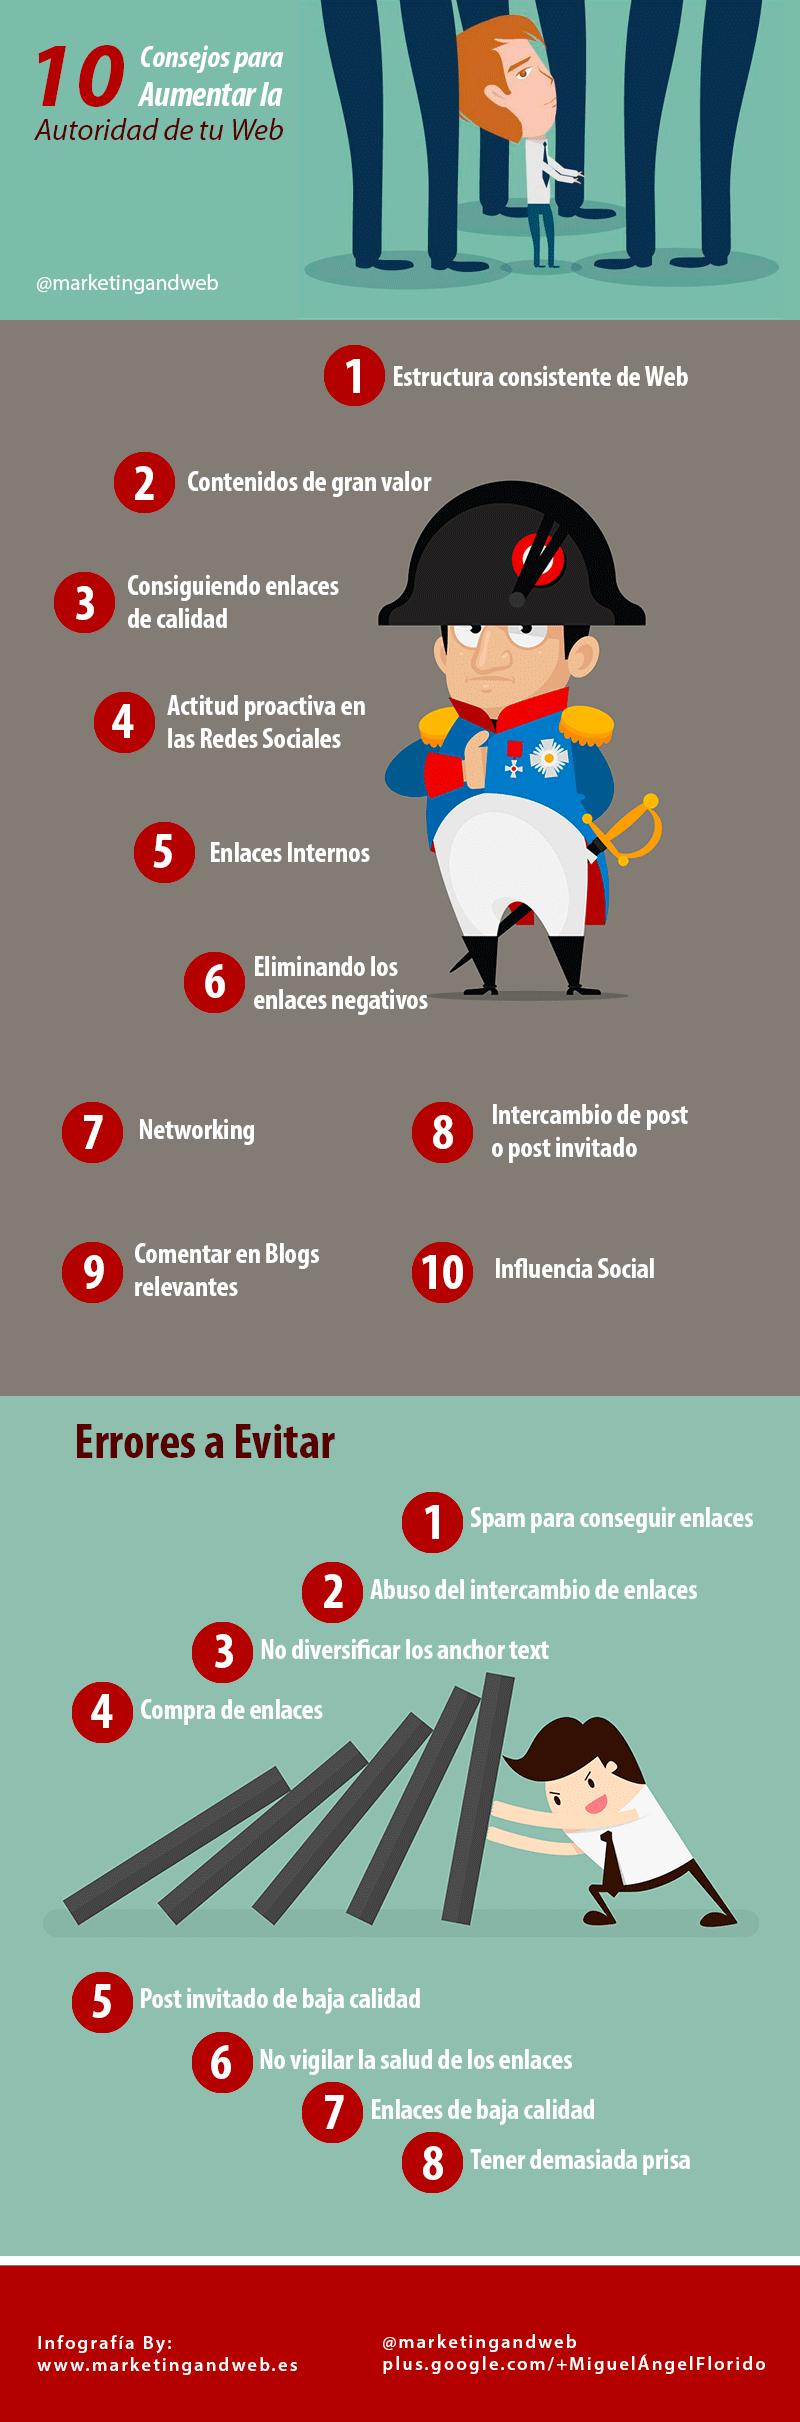 10 consejos para aumentar la autoridad de una web